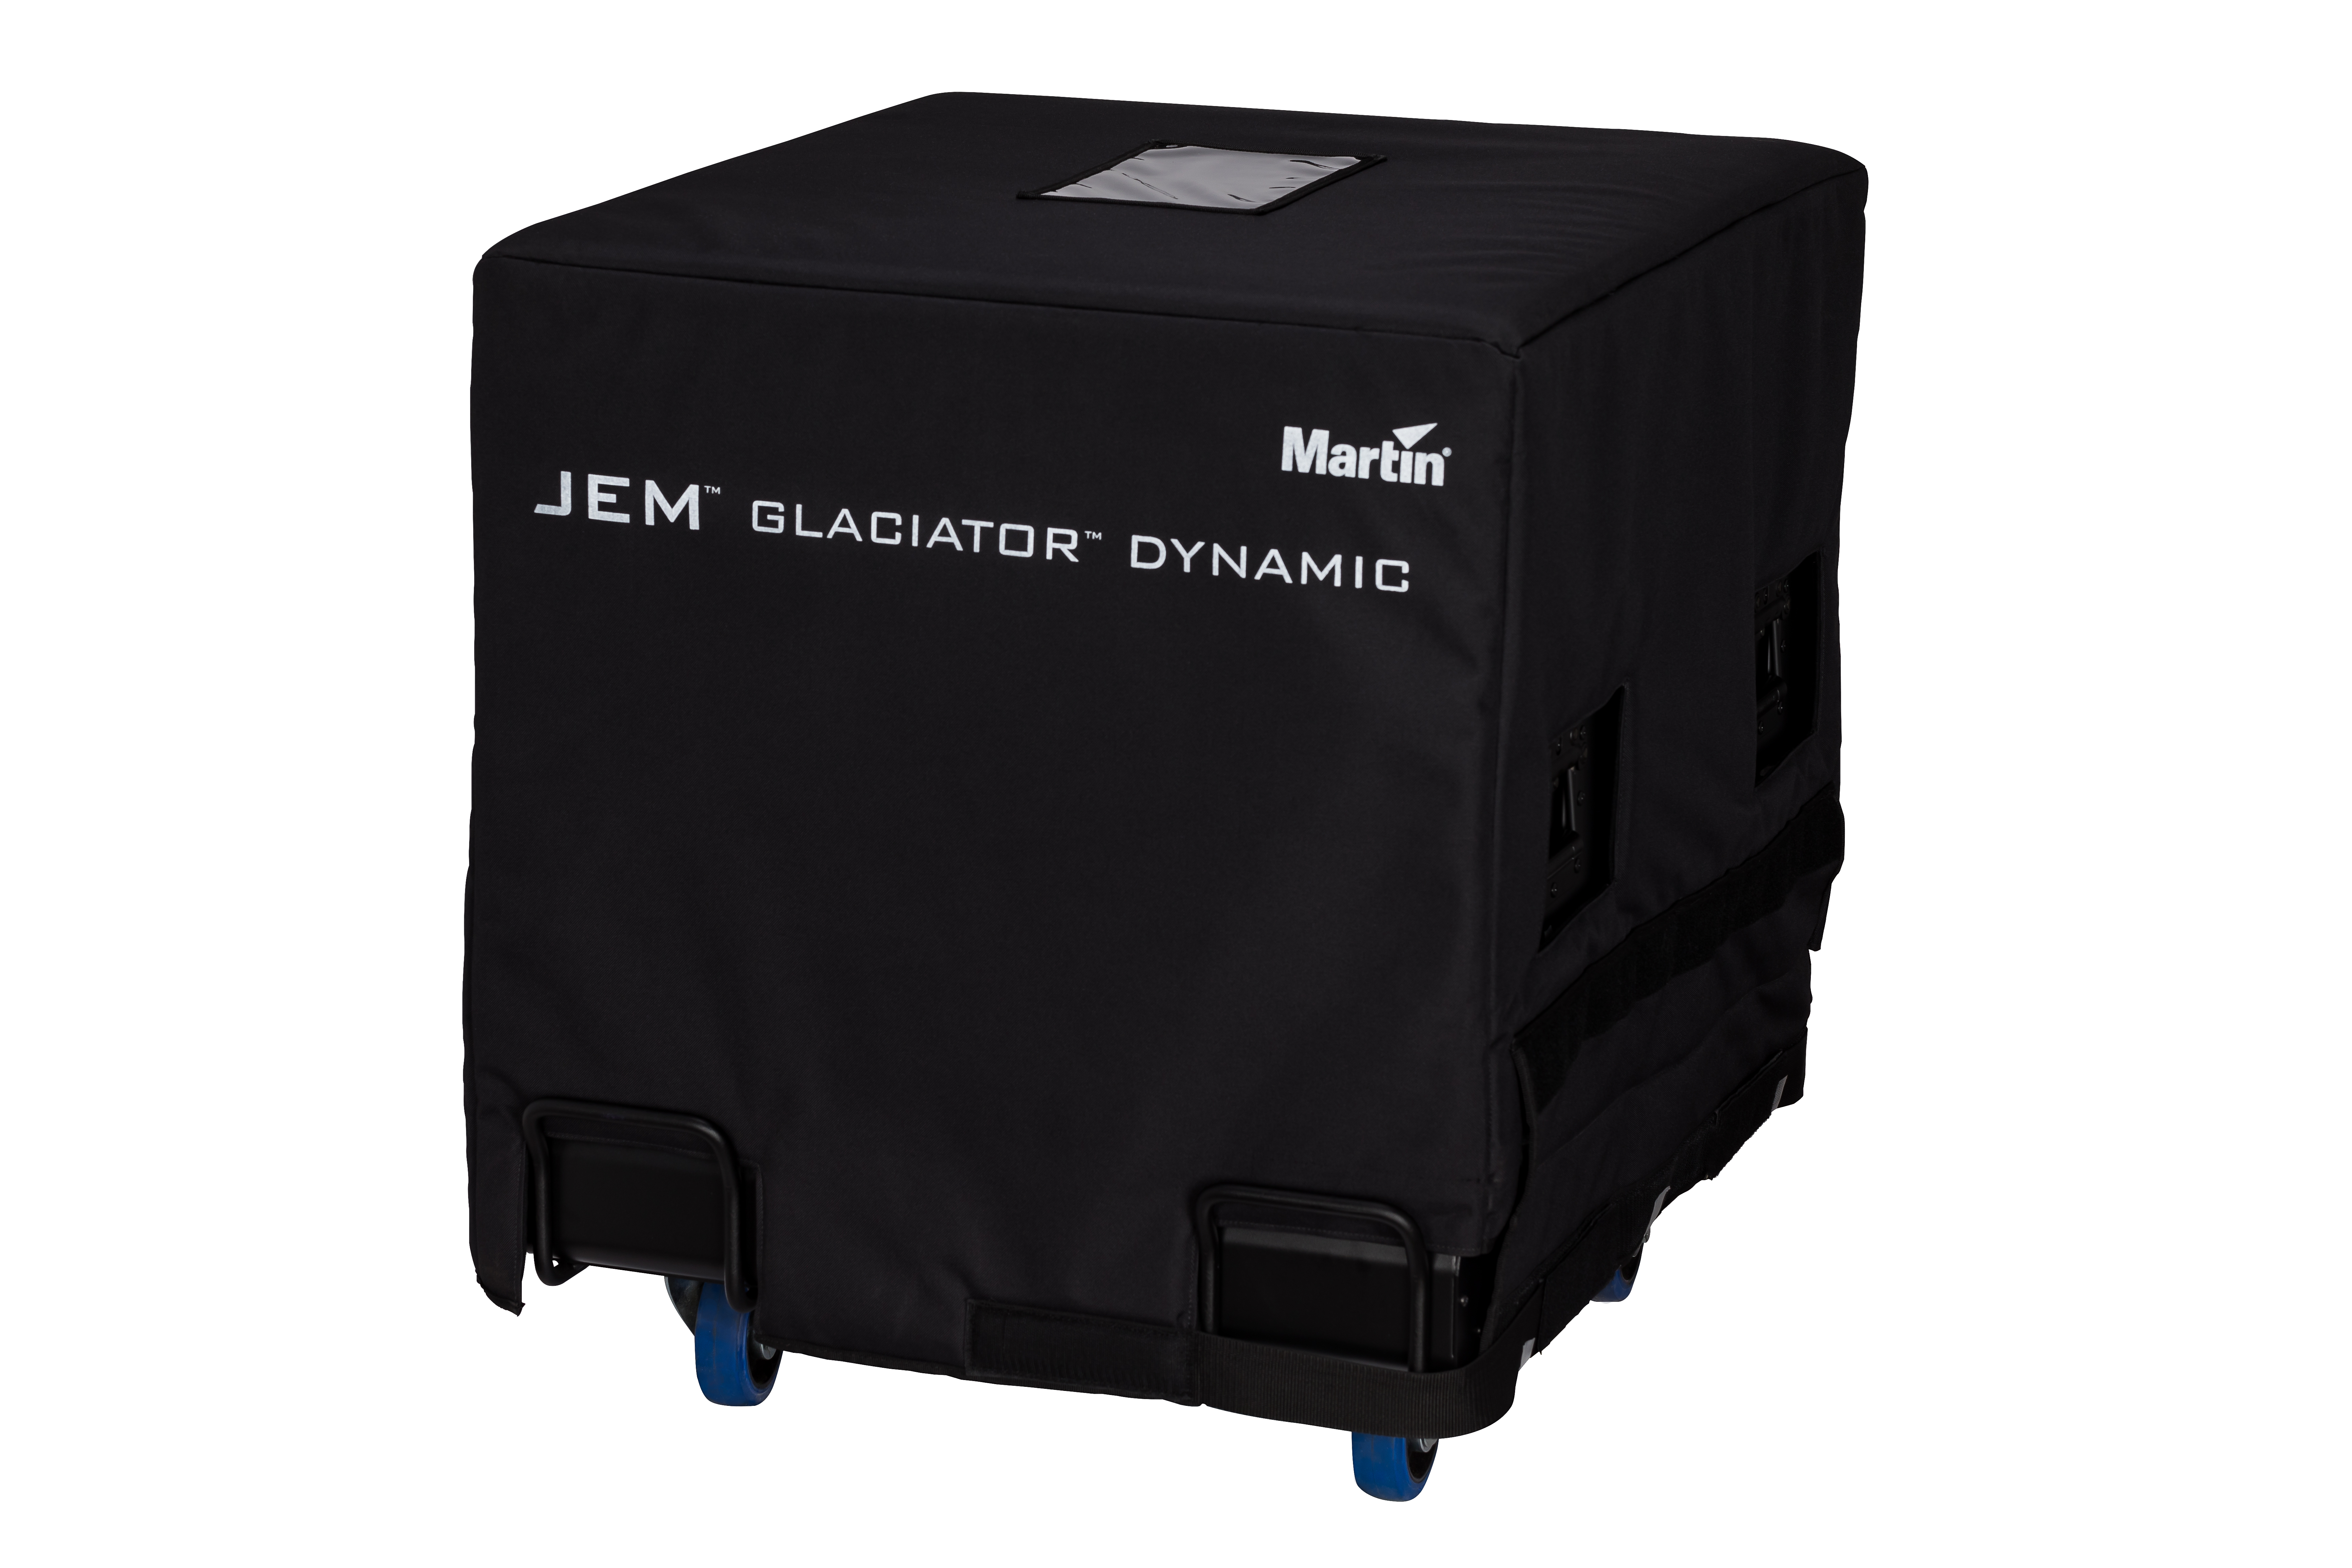 JEM Glaciator Dynamic  7d00fca2c684f